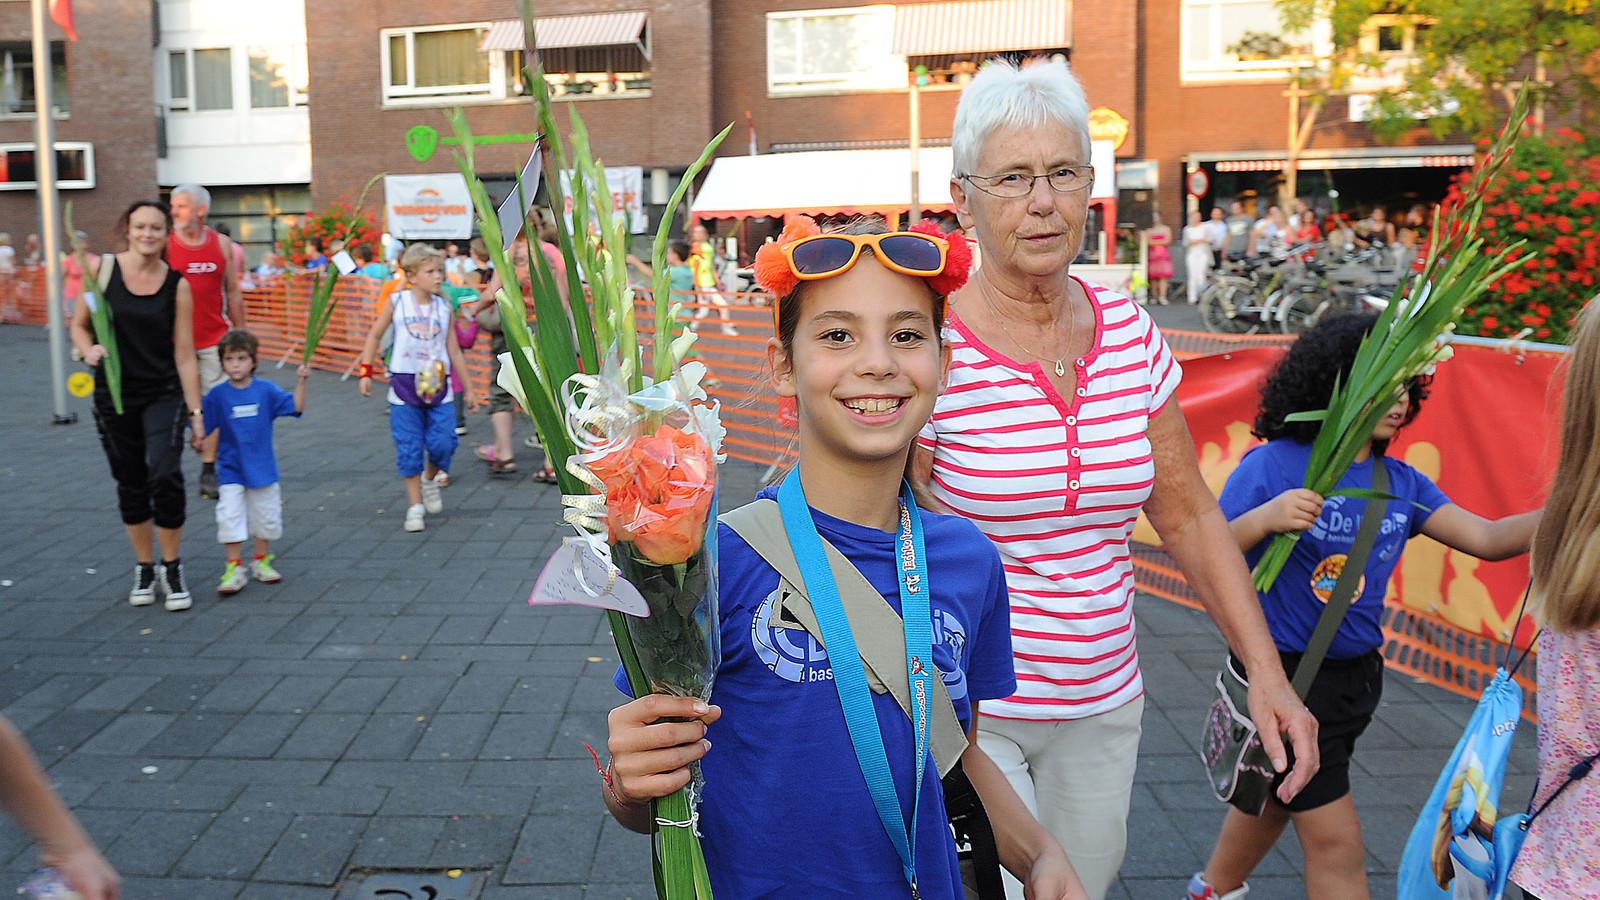 Intocht van de avondvierdaagse in 2011. Inmiddels is het aantal deelnemers verdubbeld.